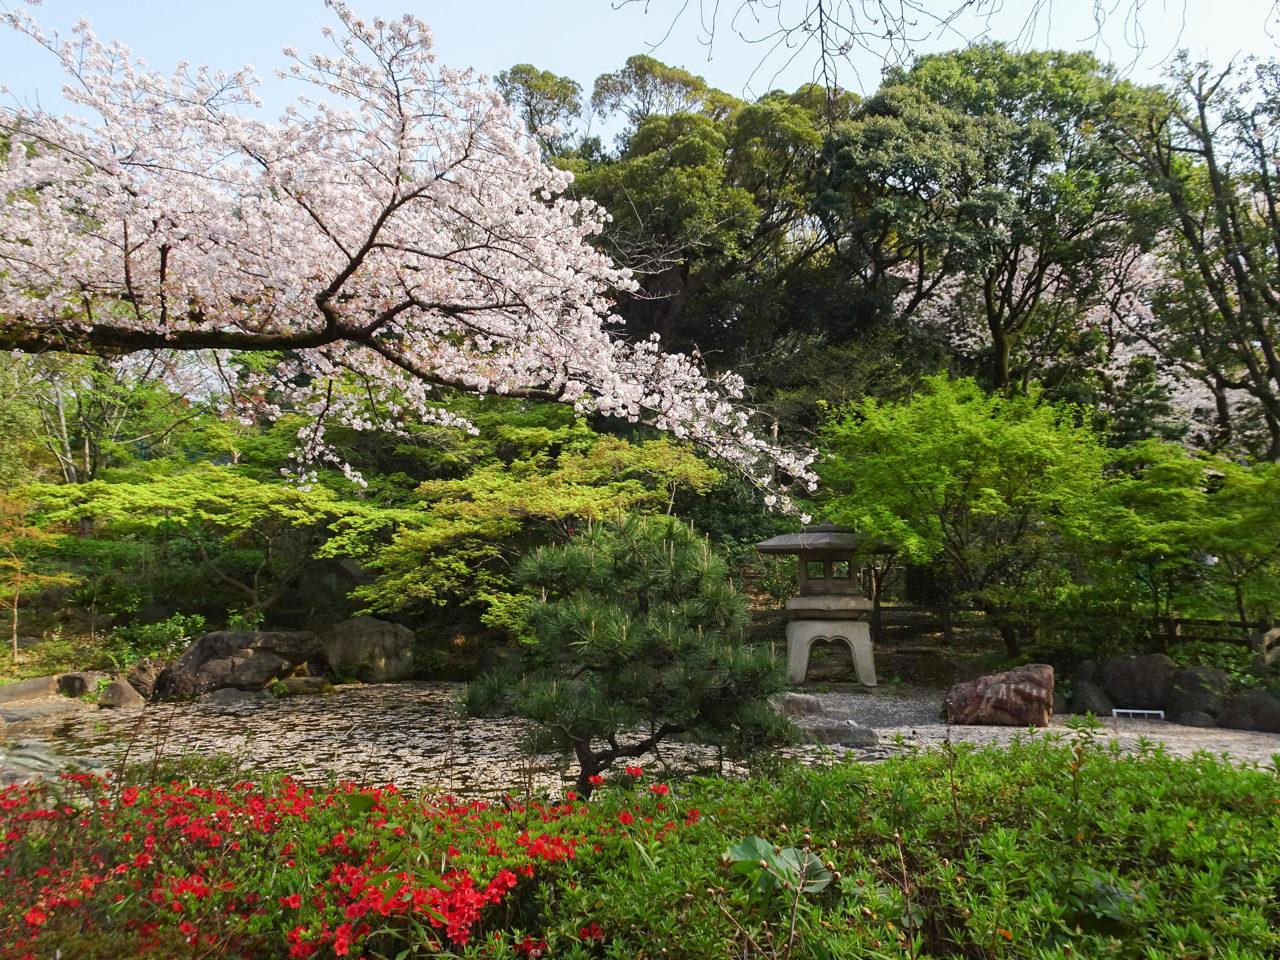 掃部山公園の桜と池